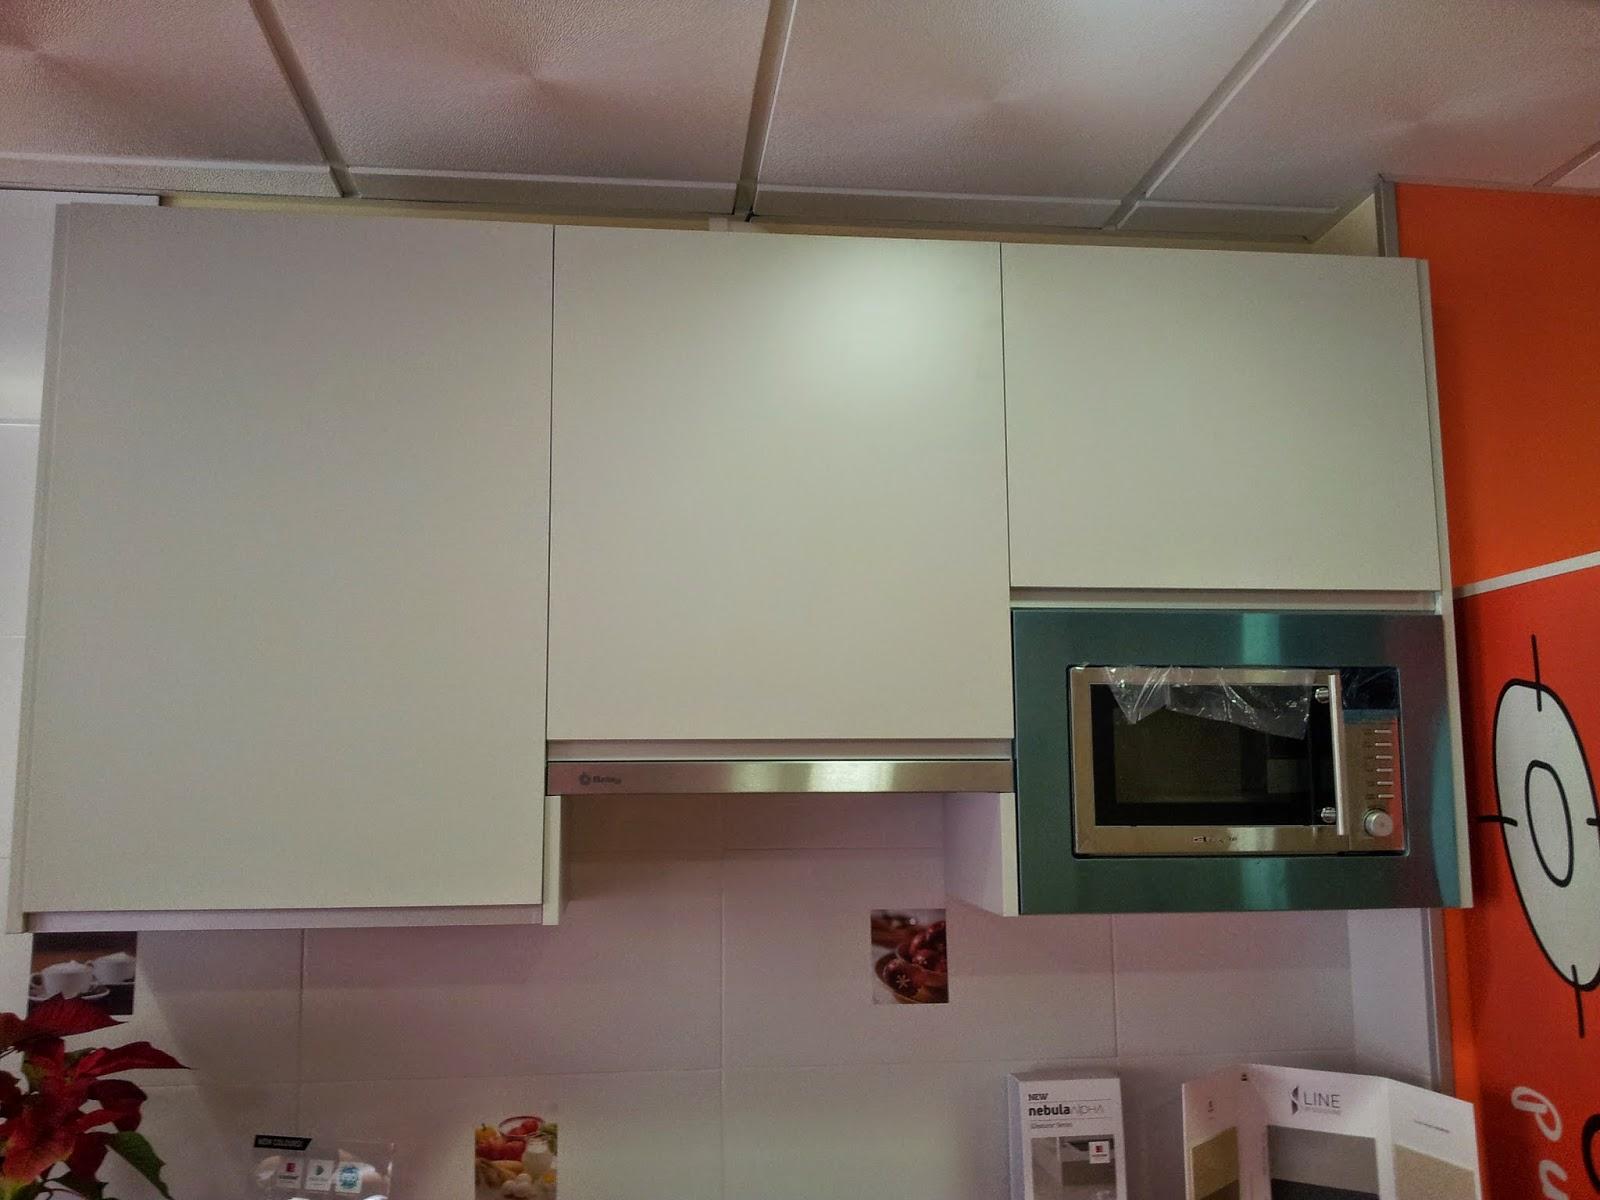 Carpinteria los molinos cocina tahon laminado color hormigon y gris claro - Mueble alto microondas ...